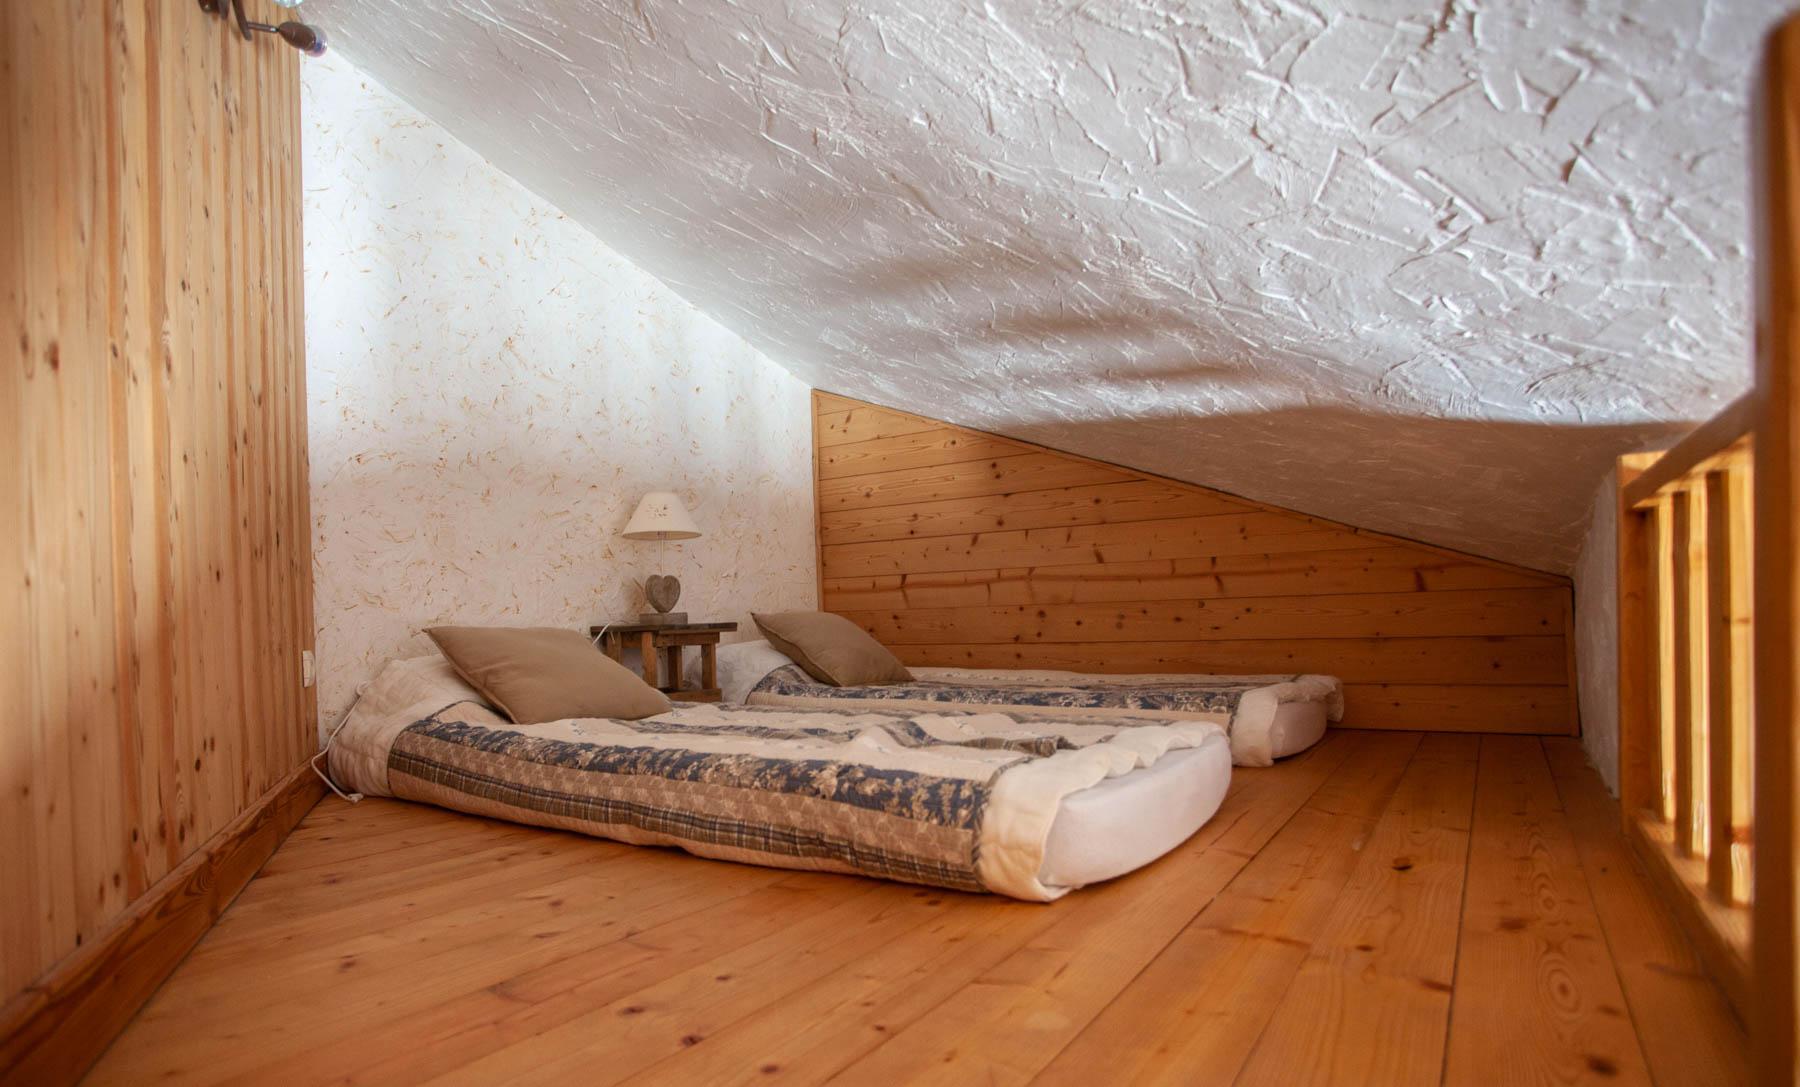 Avoriaz Appt 1954 Attic bedroom